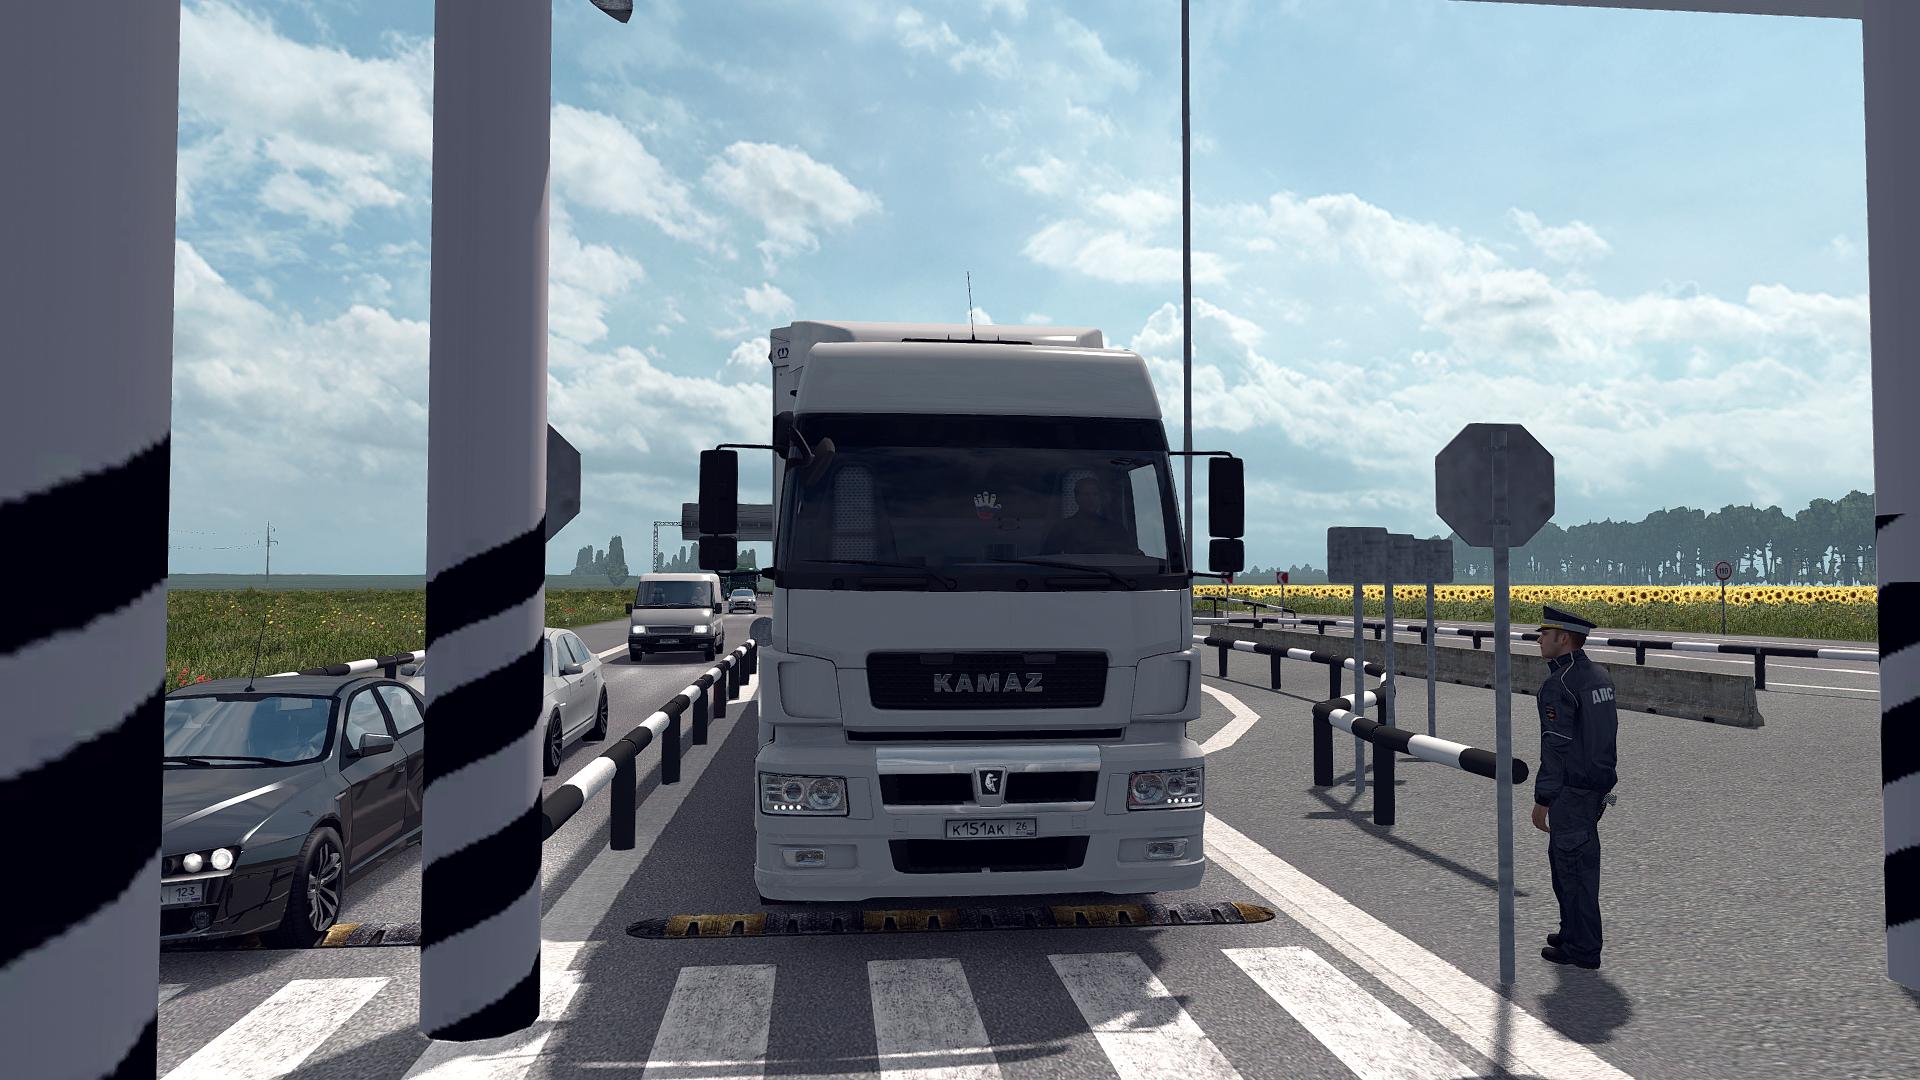 eurotrucks2 2019-01-26 15-44-02.png - Euro Truck Simulator 2